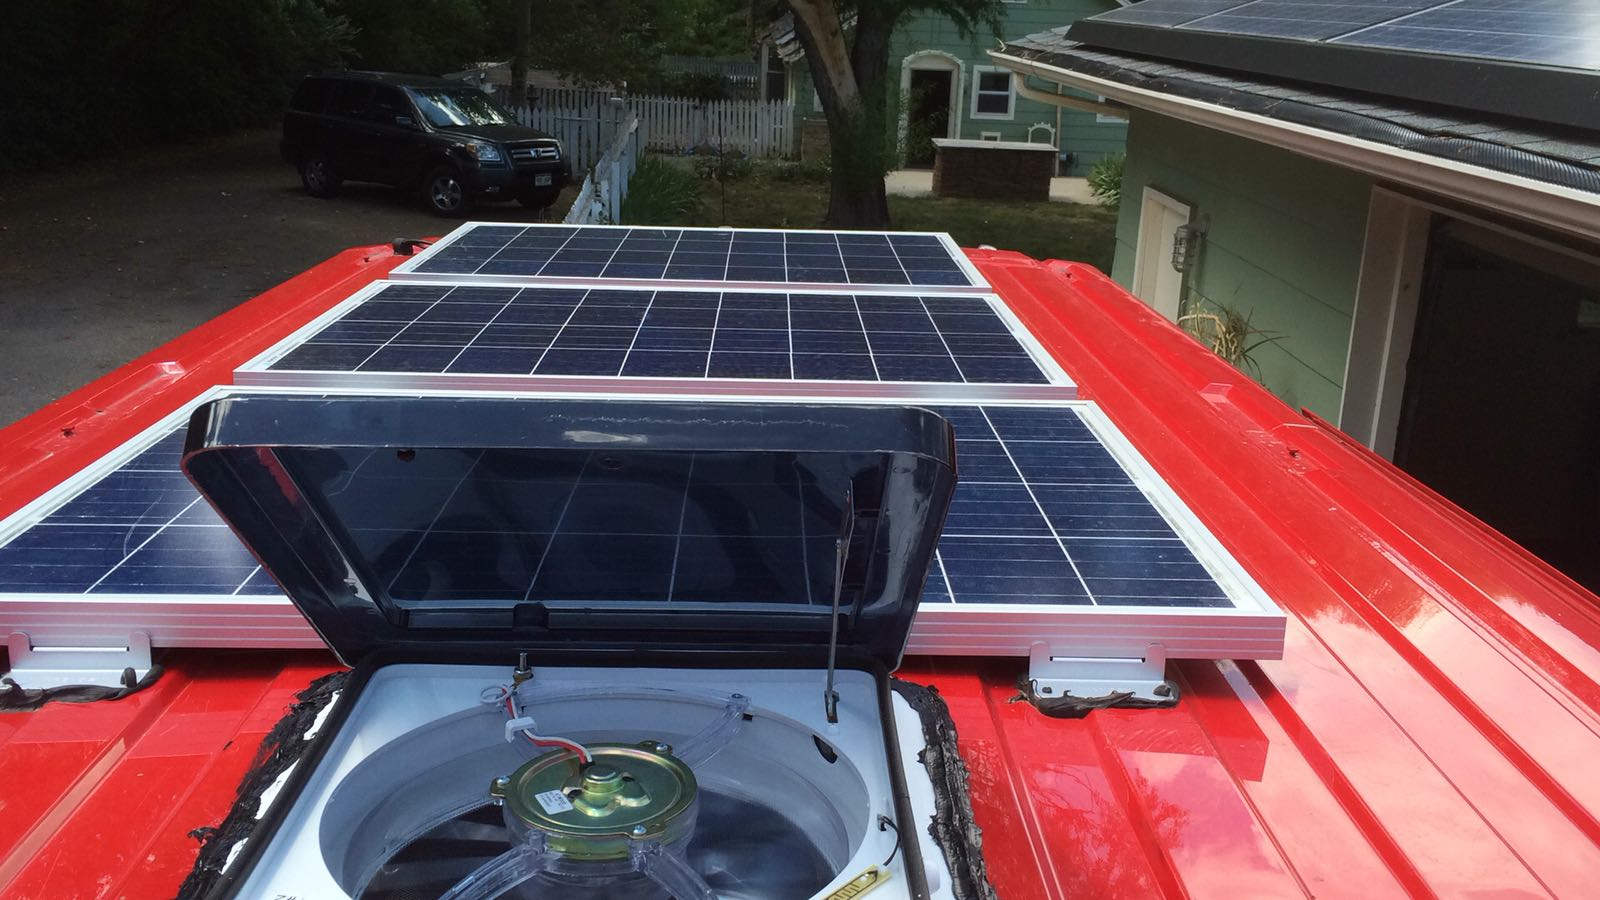 living best van life in custom camper van conversion